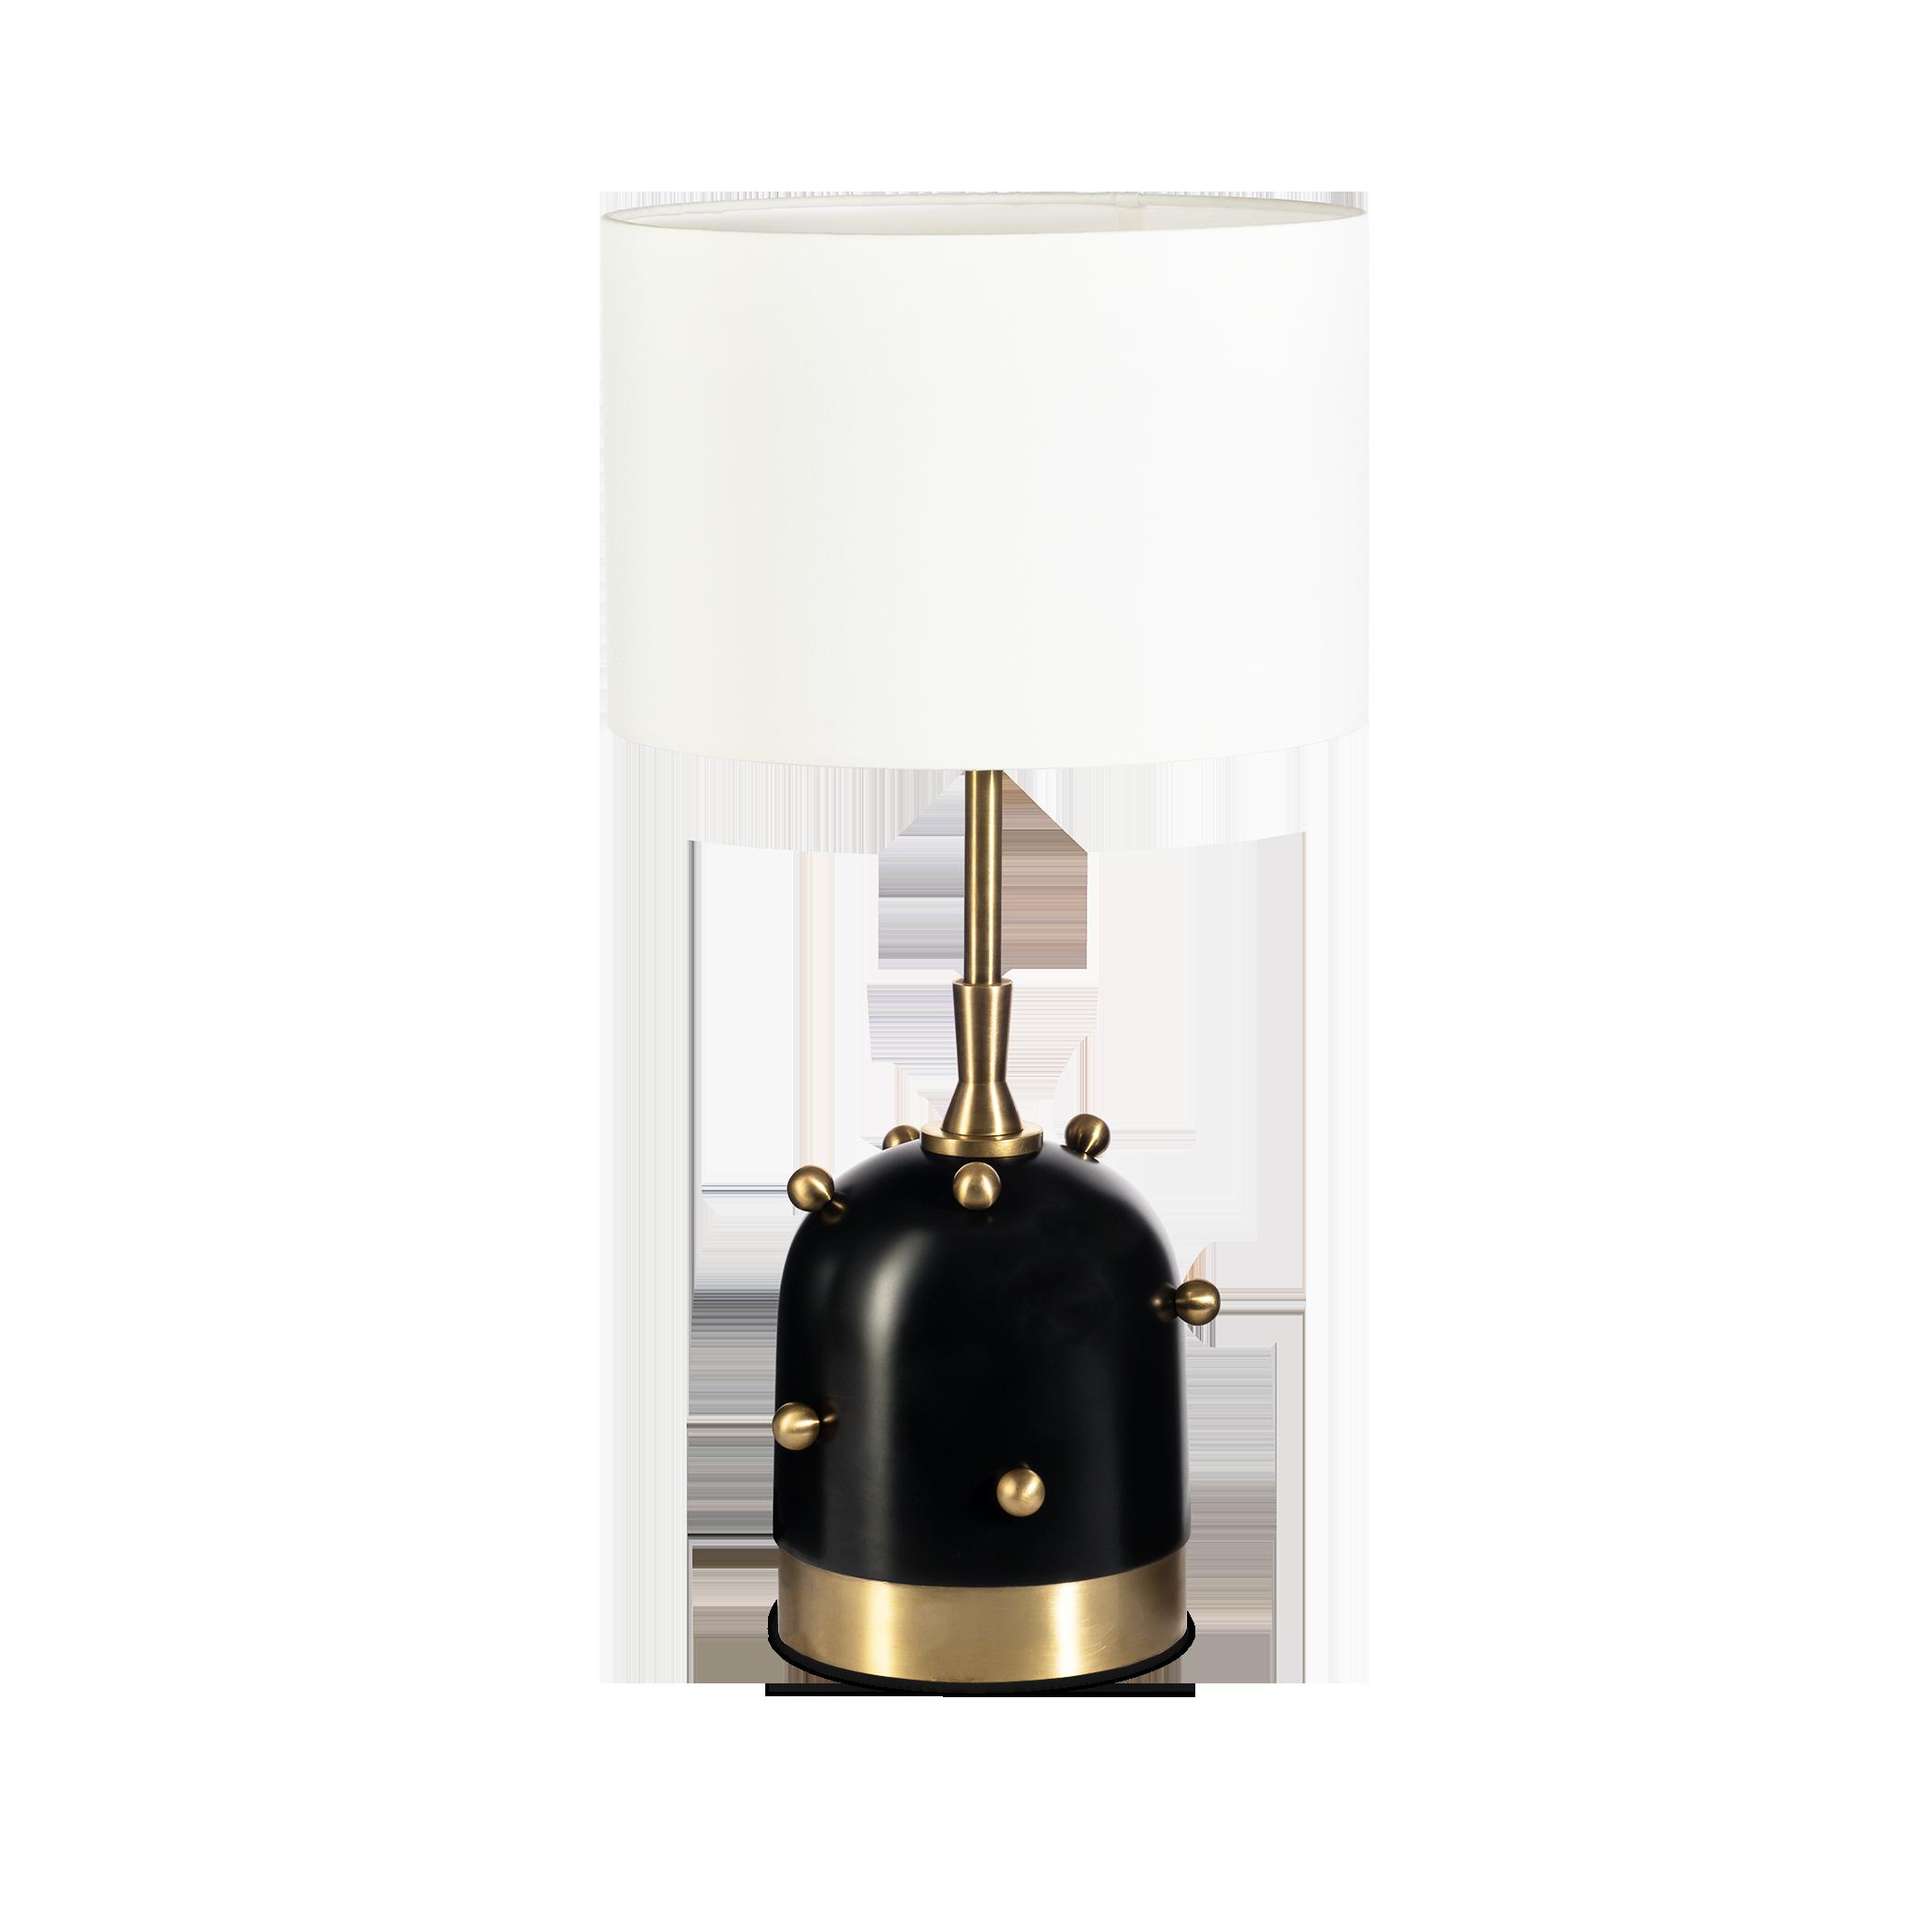 Настольная лампа SN023 Any-Home - SN023 | AnyHome.ru